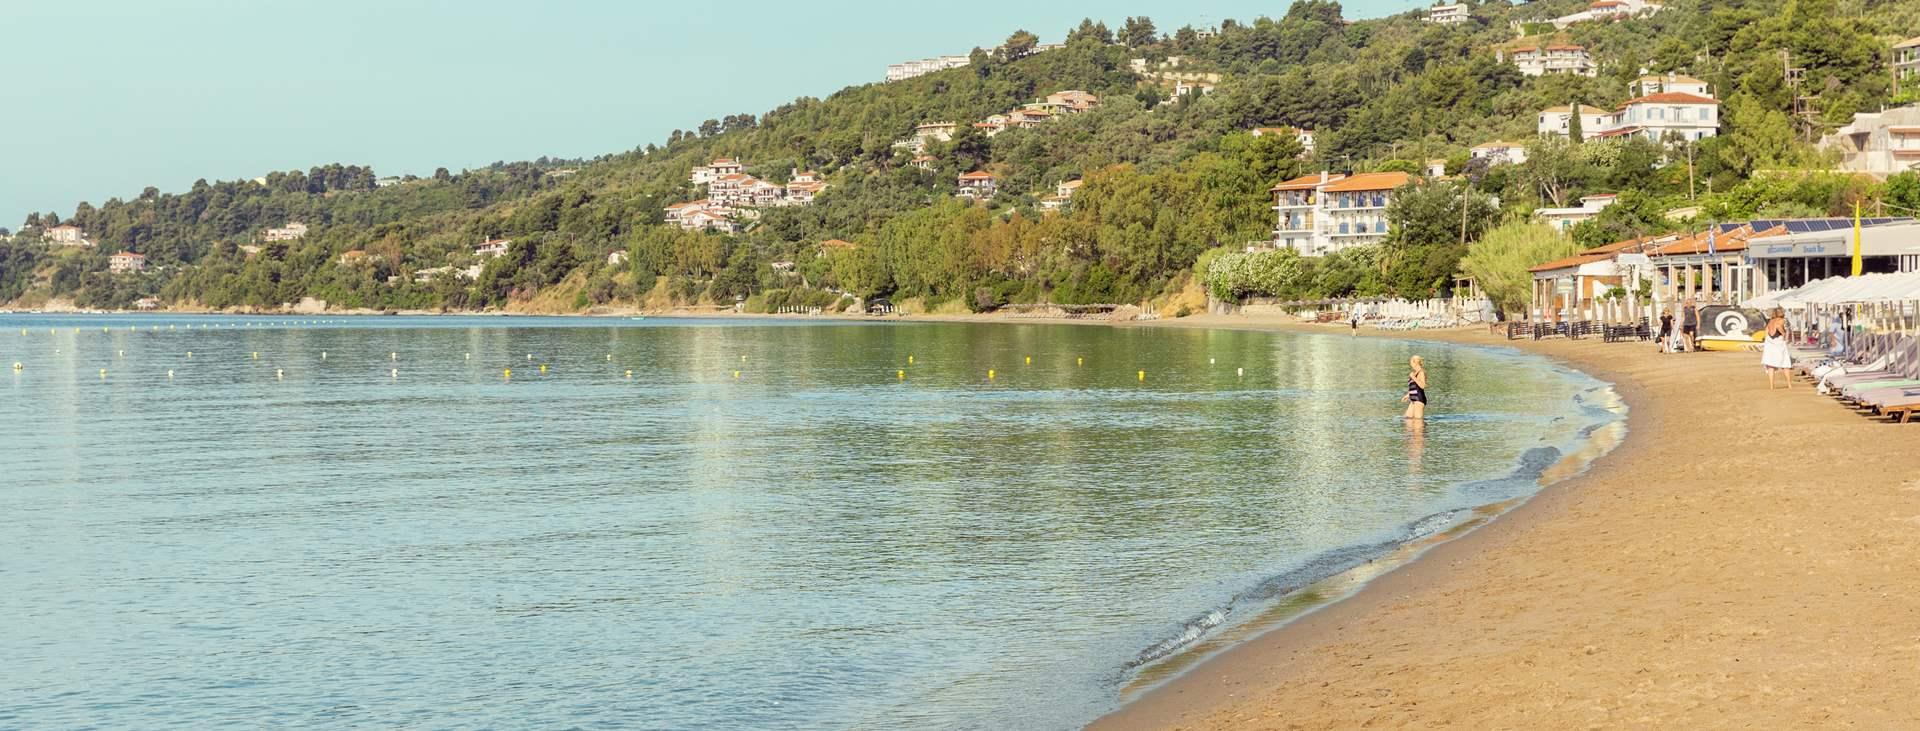 Boka din resa till Megali Ammos på Skiathos med Ving